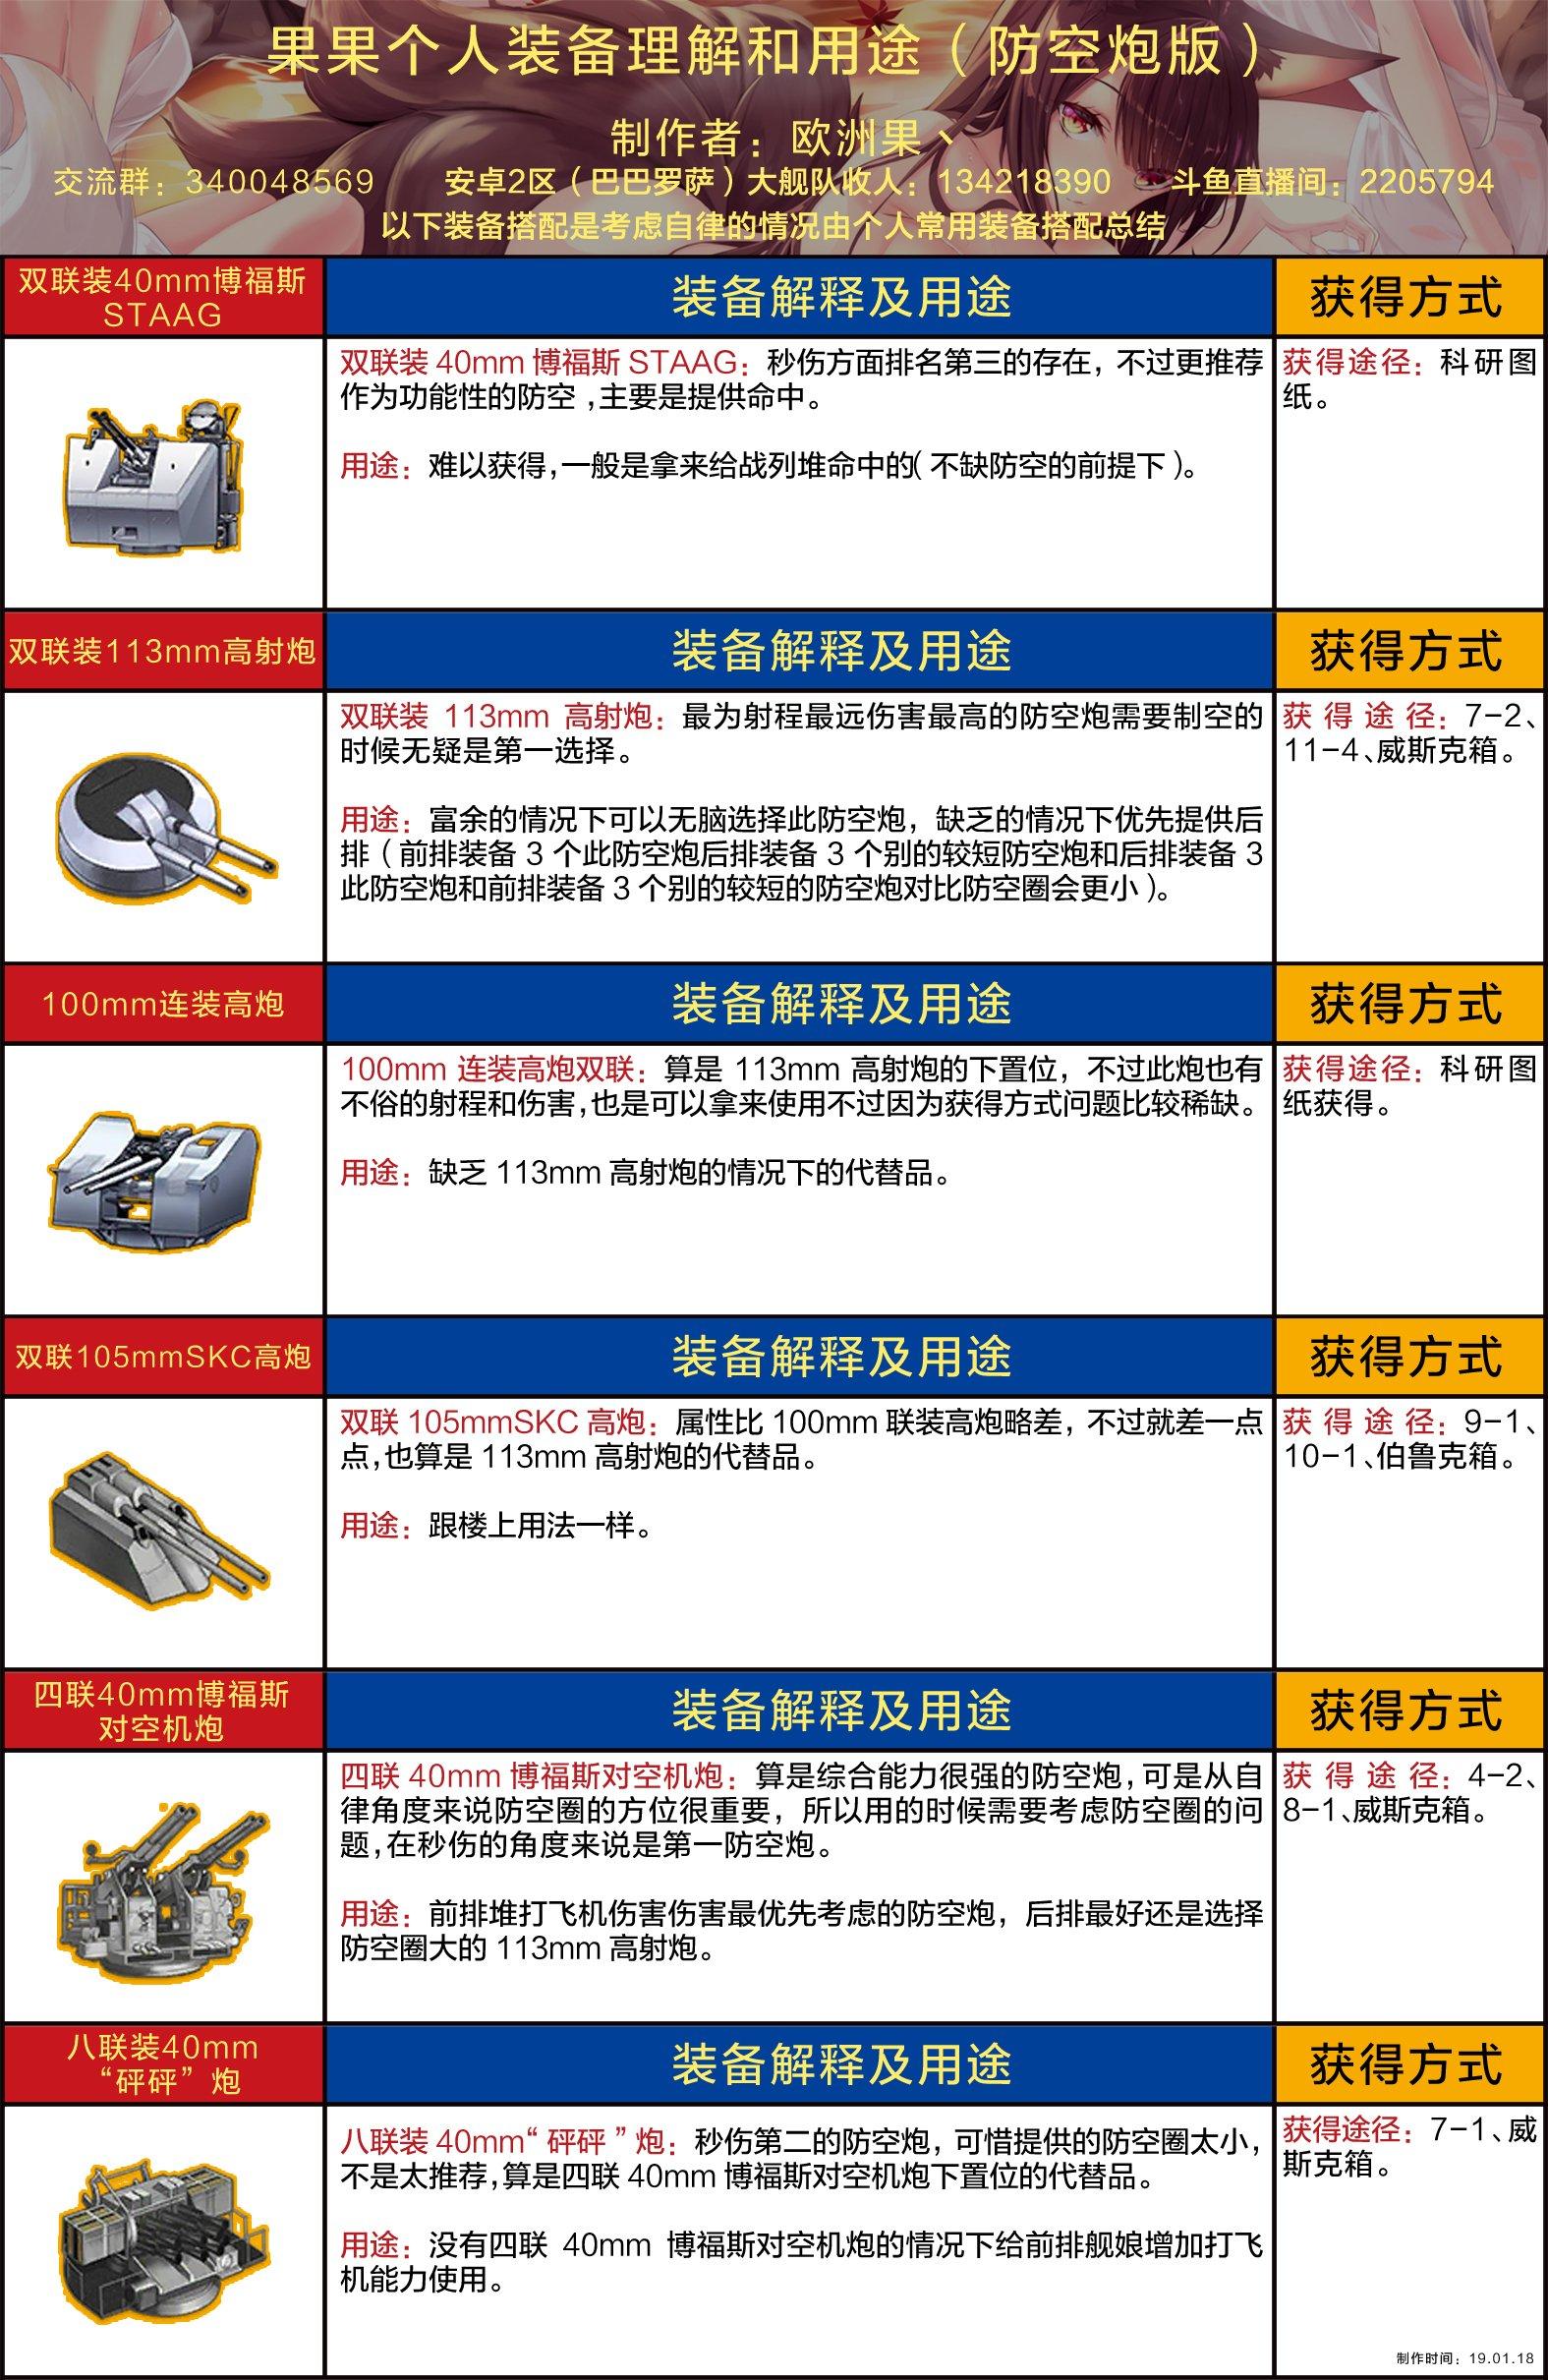 果果个人装备理解和用途(防空炮版wiki).jpg